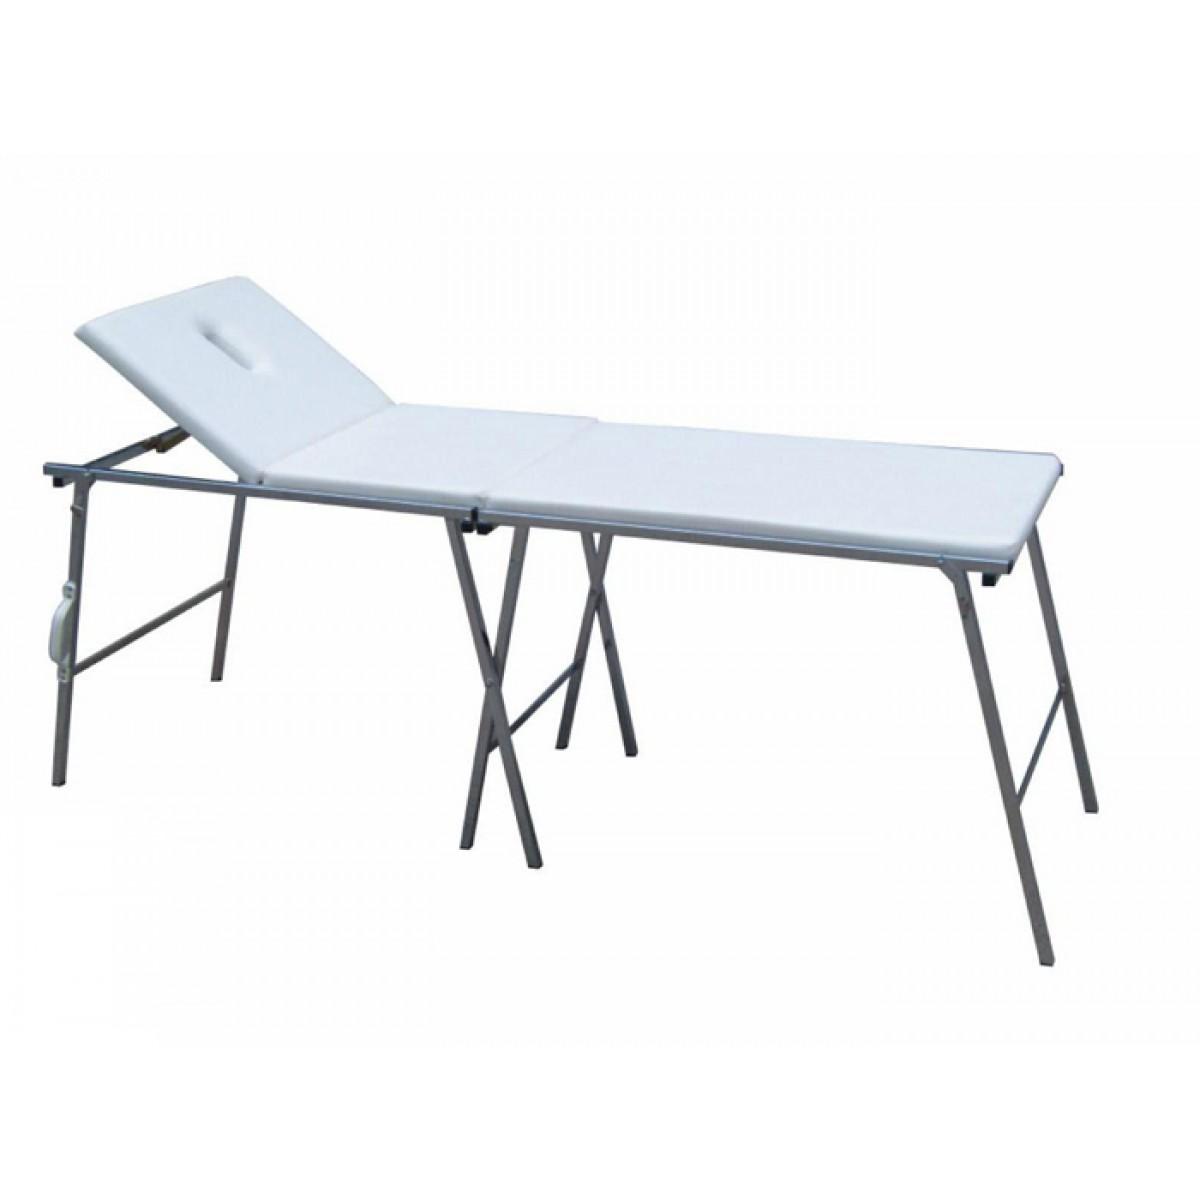 lettini per fisioterapia portatili: lettino da massaggio diabasi ... - Lettino Per Massaggio Usato Milano